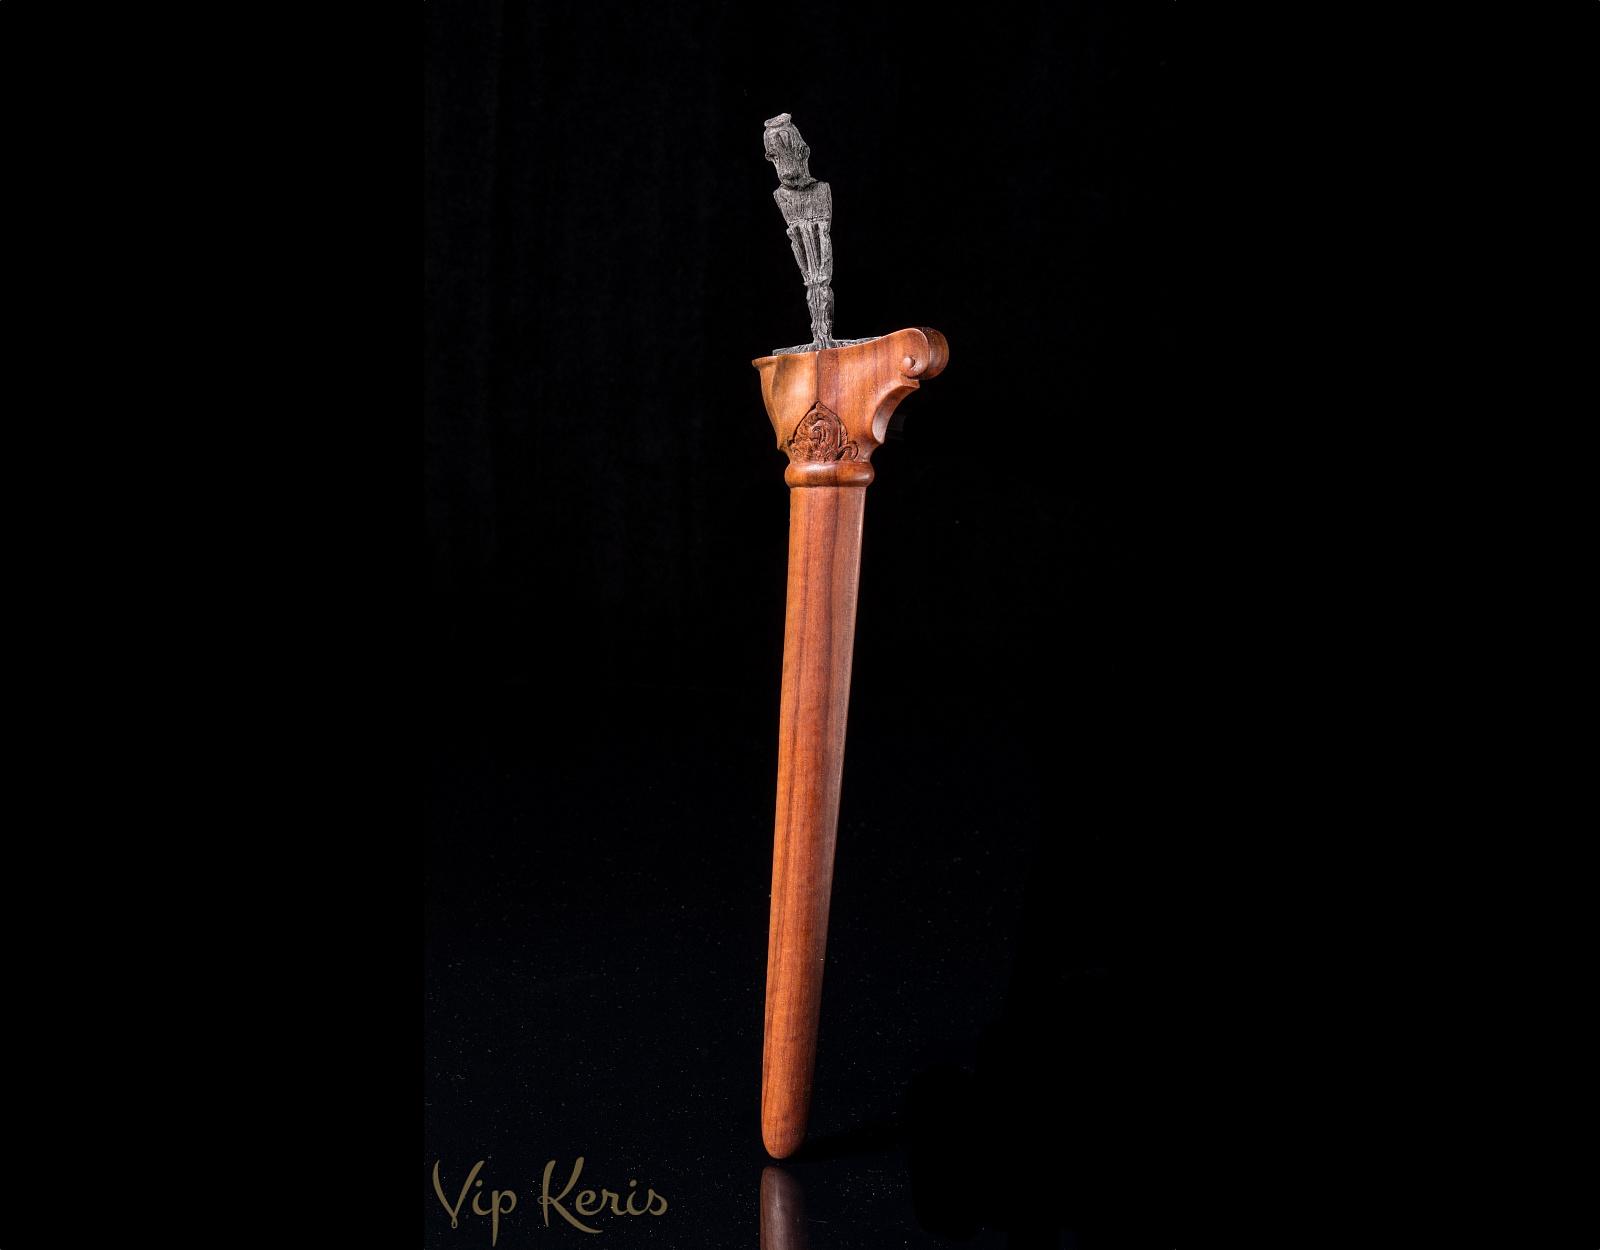 Нож Крис Sajen, работа с благосостоянием. фото VipKeris